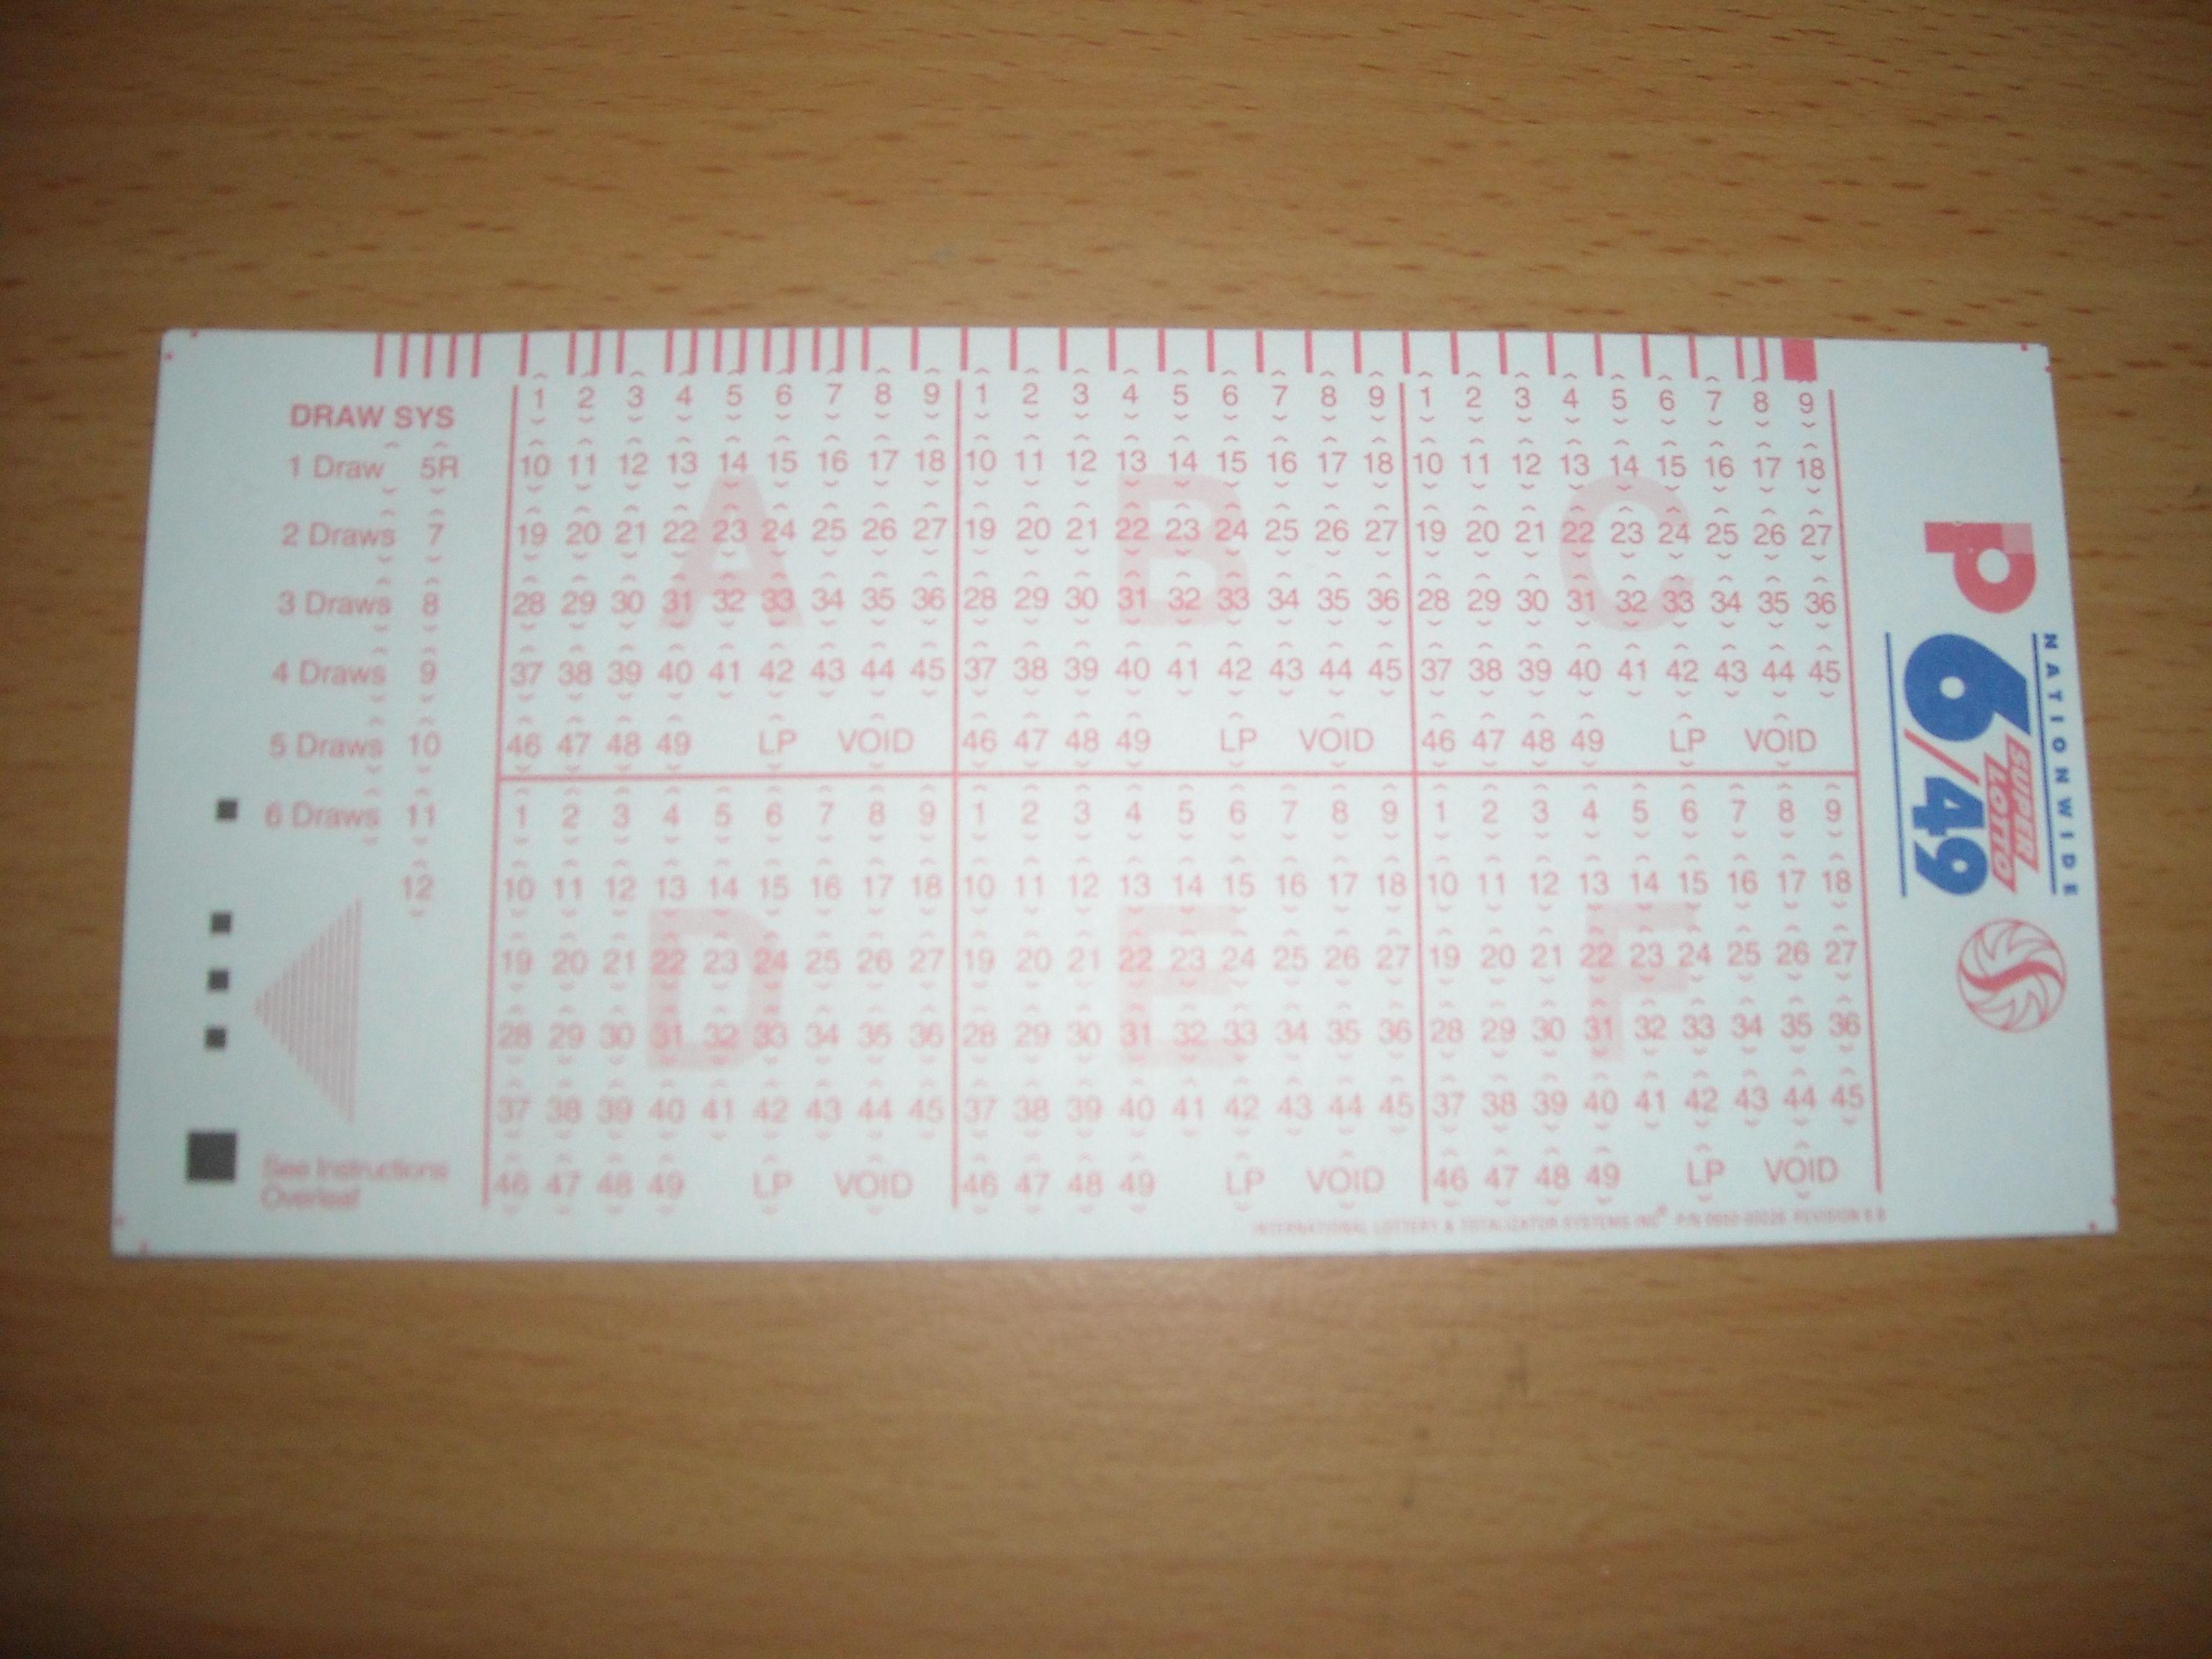 lotto card